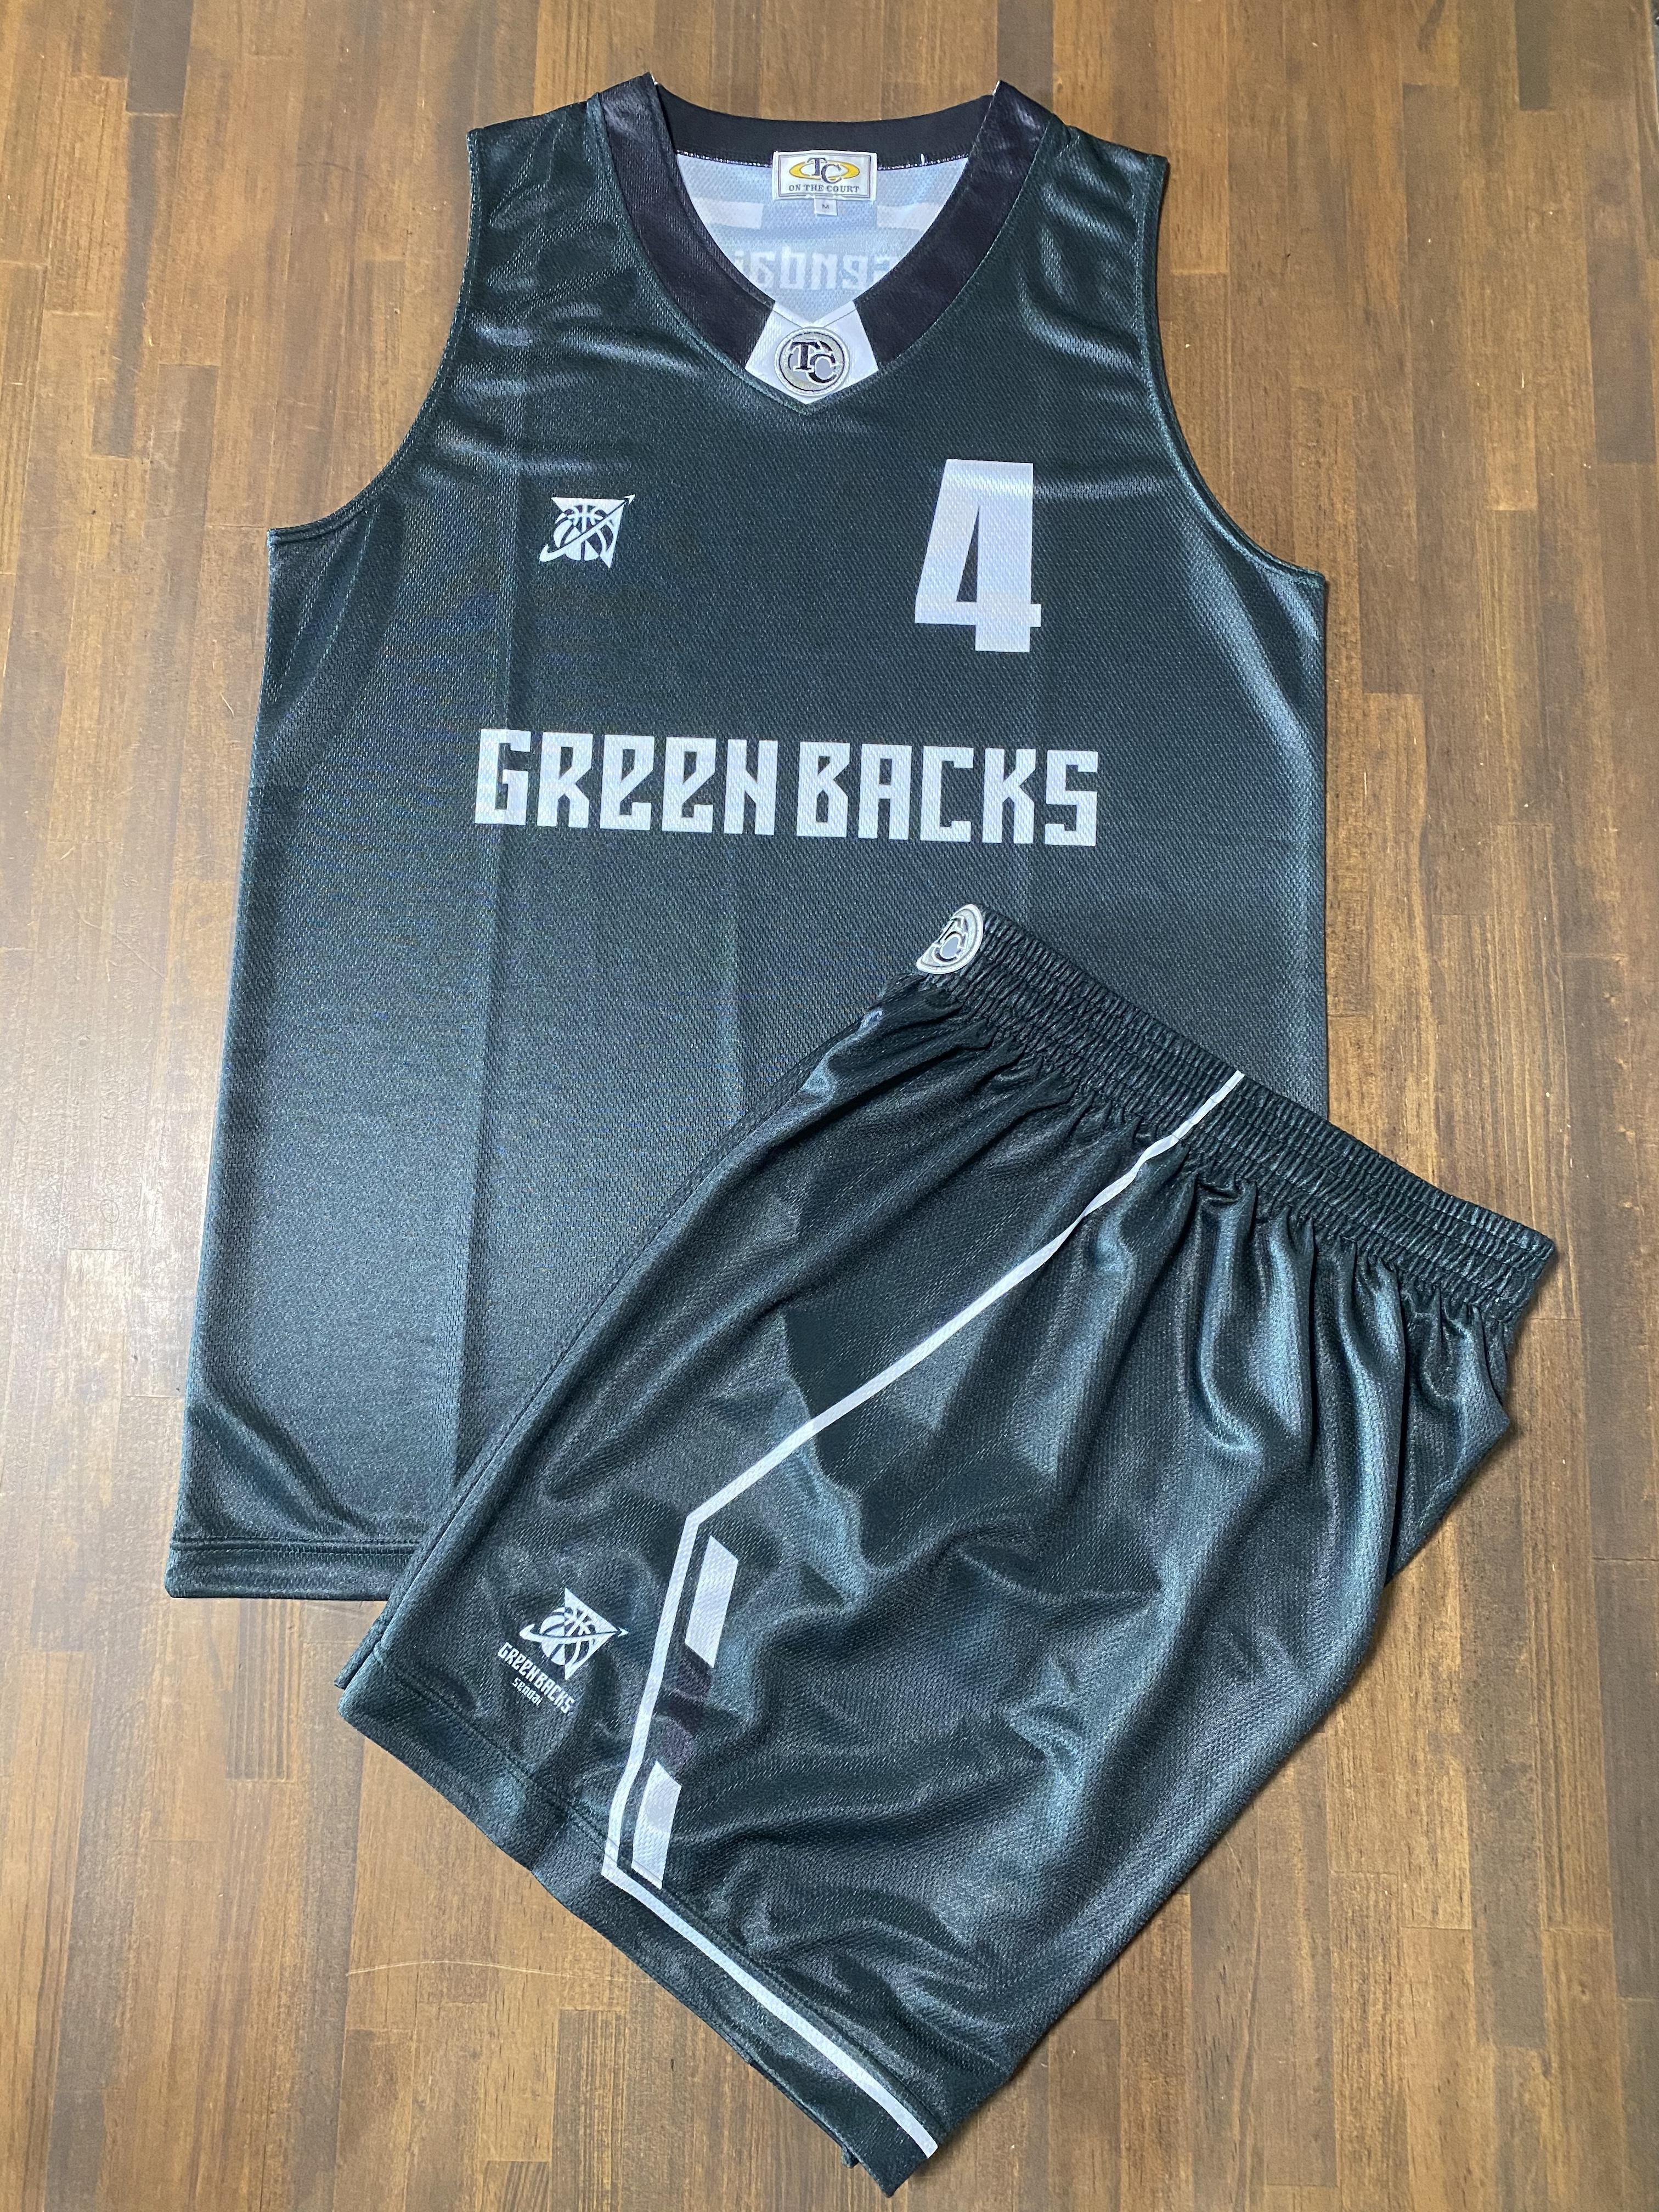 【デザインサンプル】川内GREENBACKS  (U12・男子)  昇華ユニフォーム